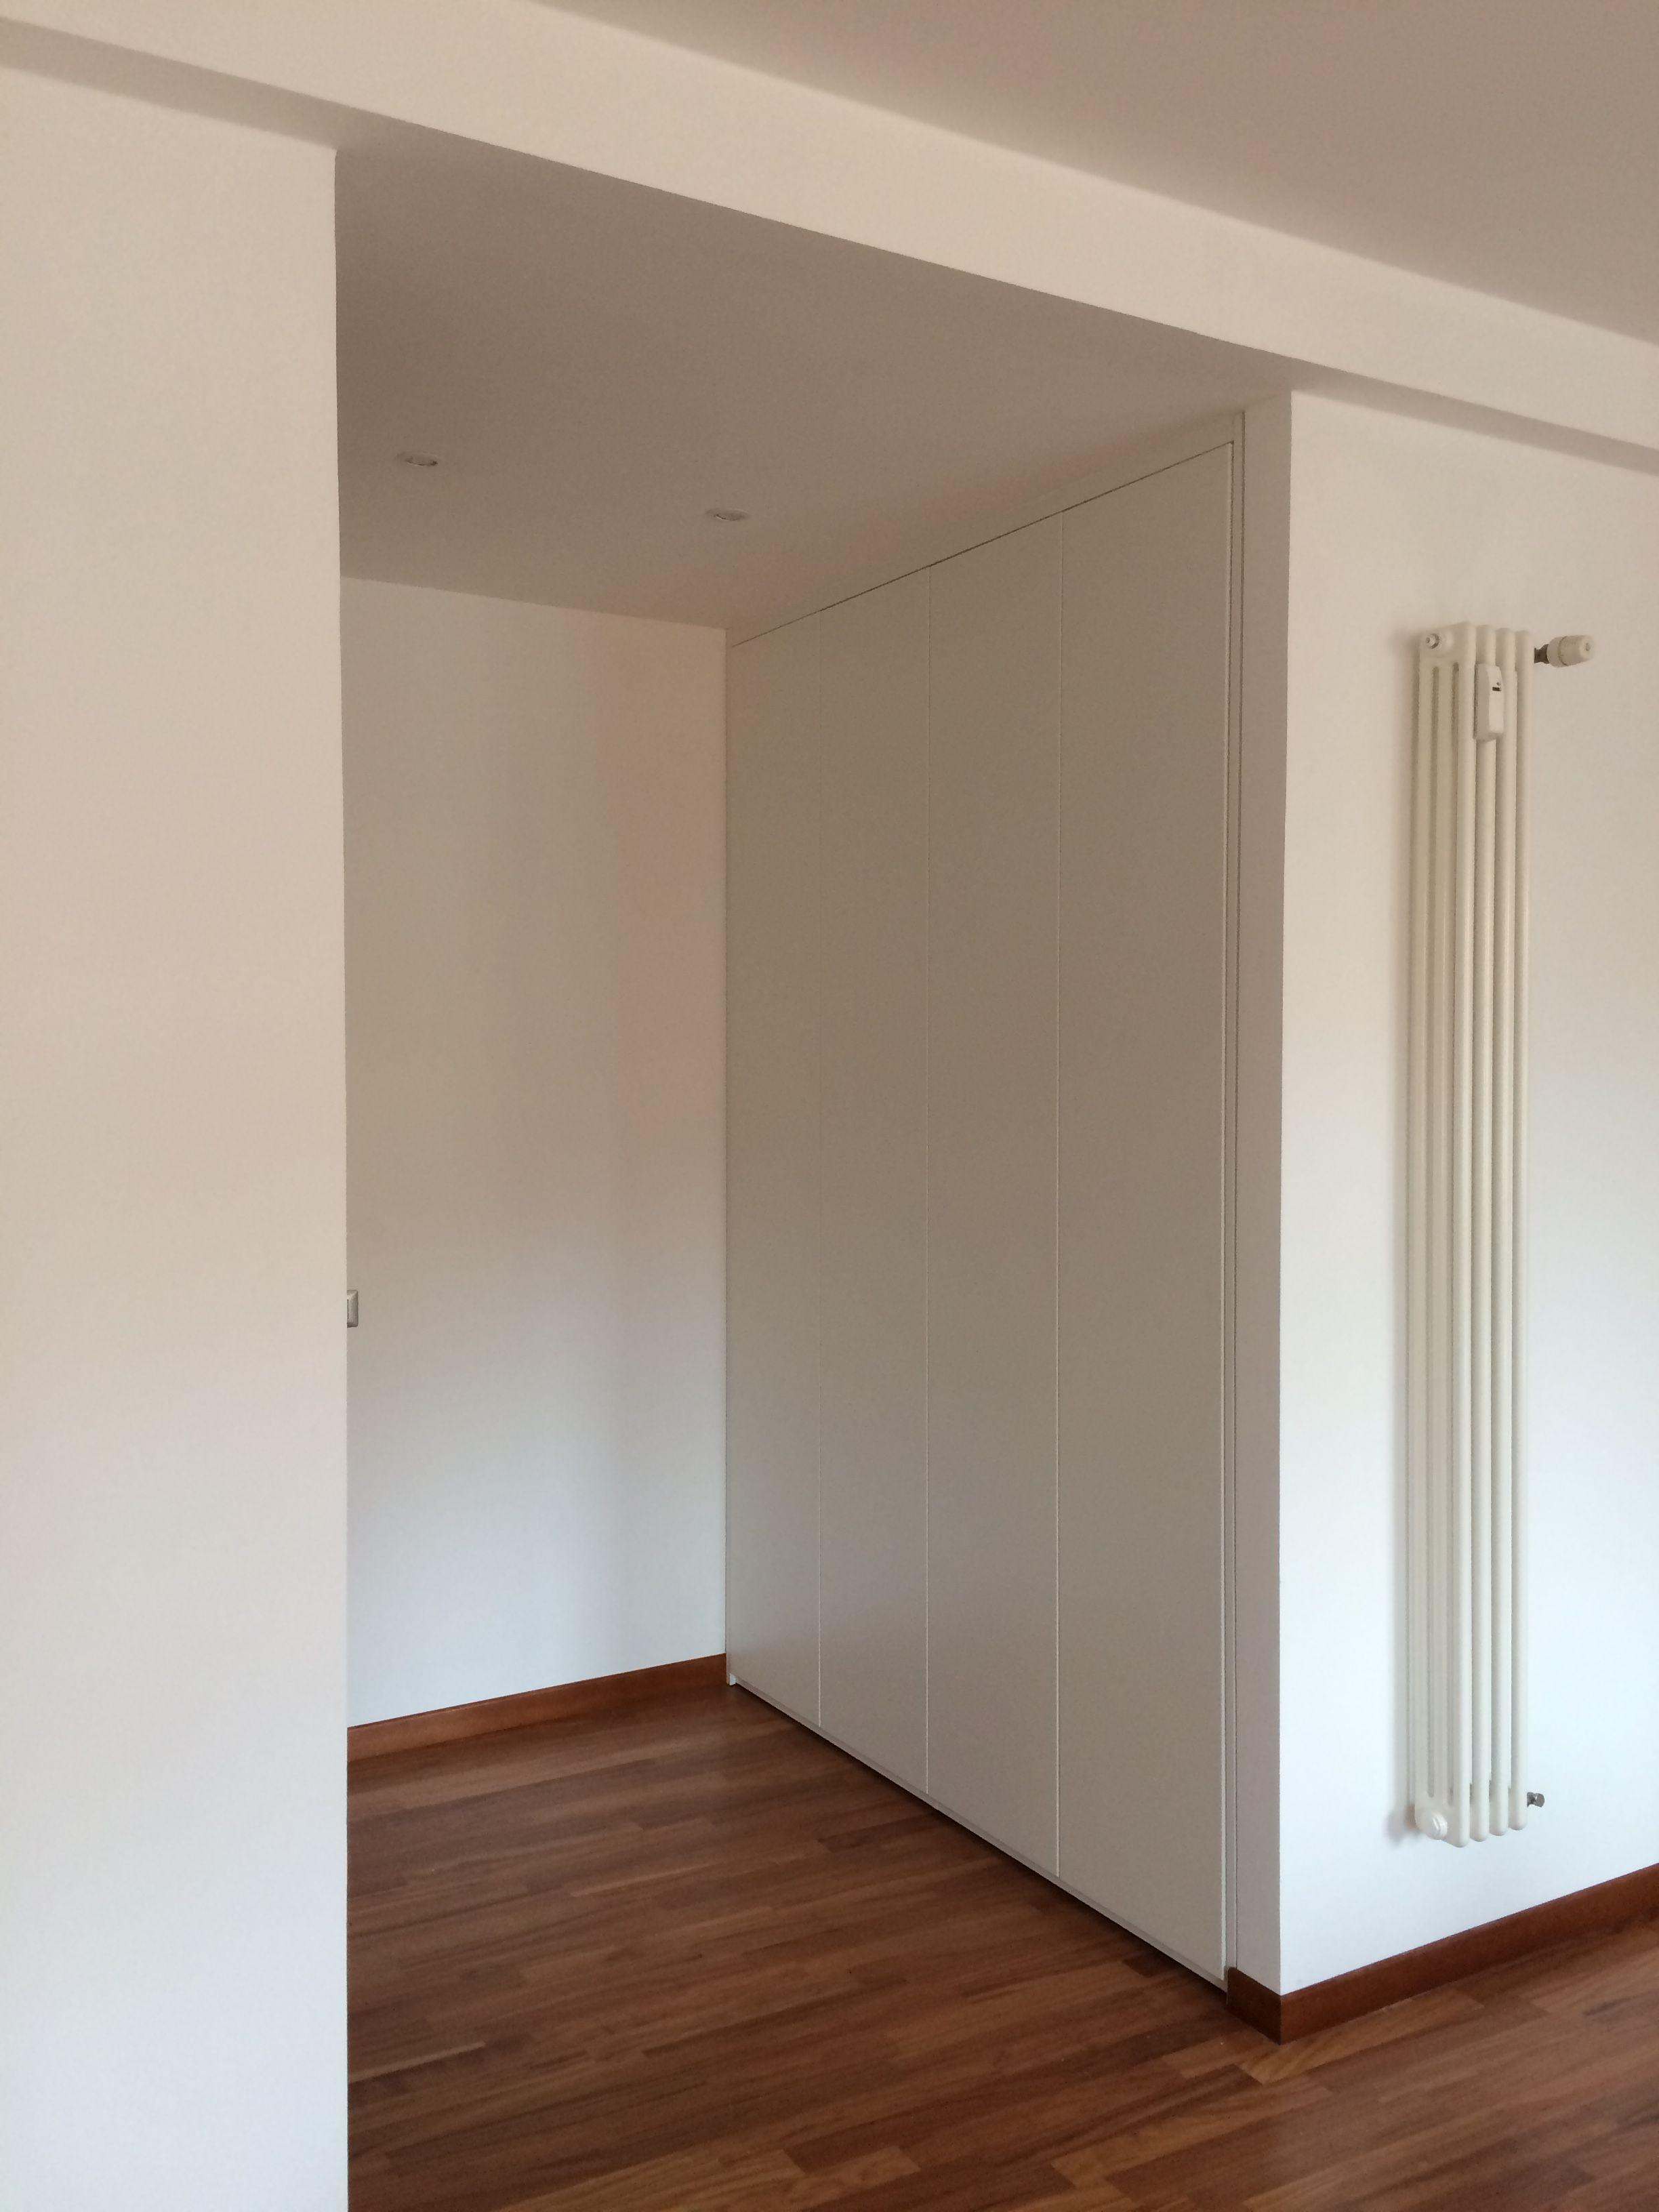 Un armadio a scomparsa inserito tra le pareti e rifinito for Ikea coprifili